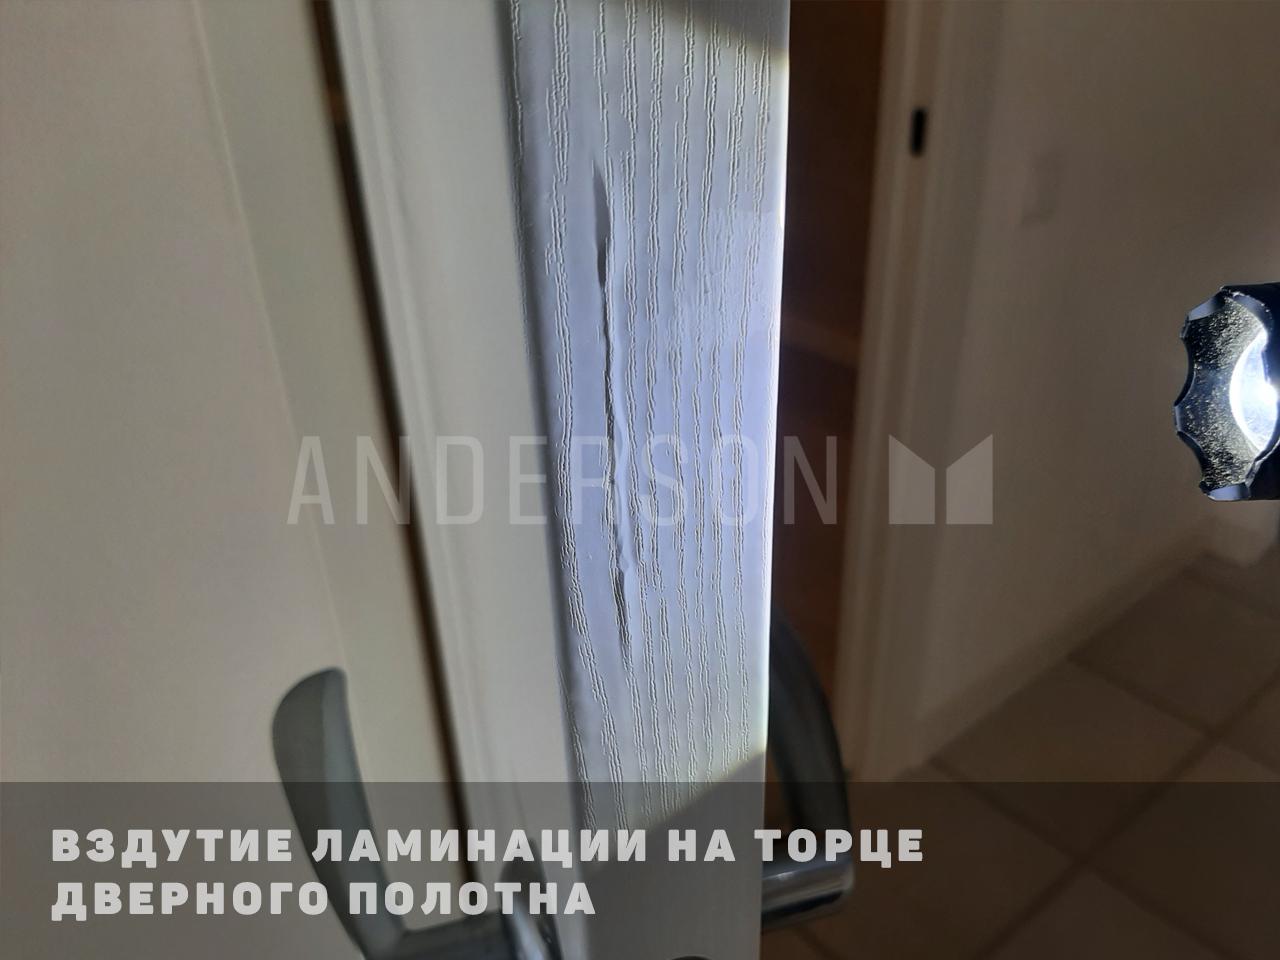 вздутие ламинации на двери